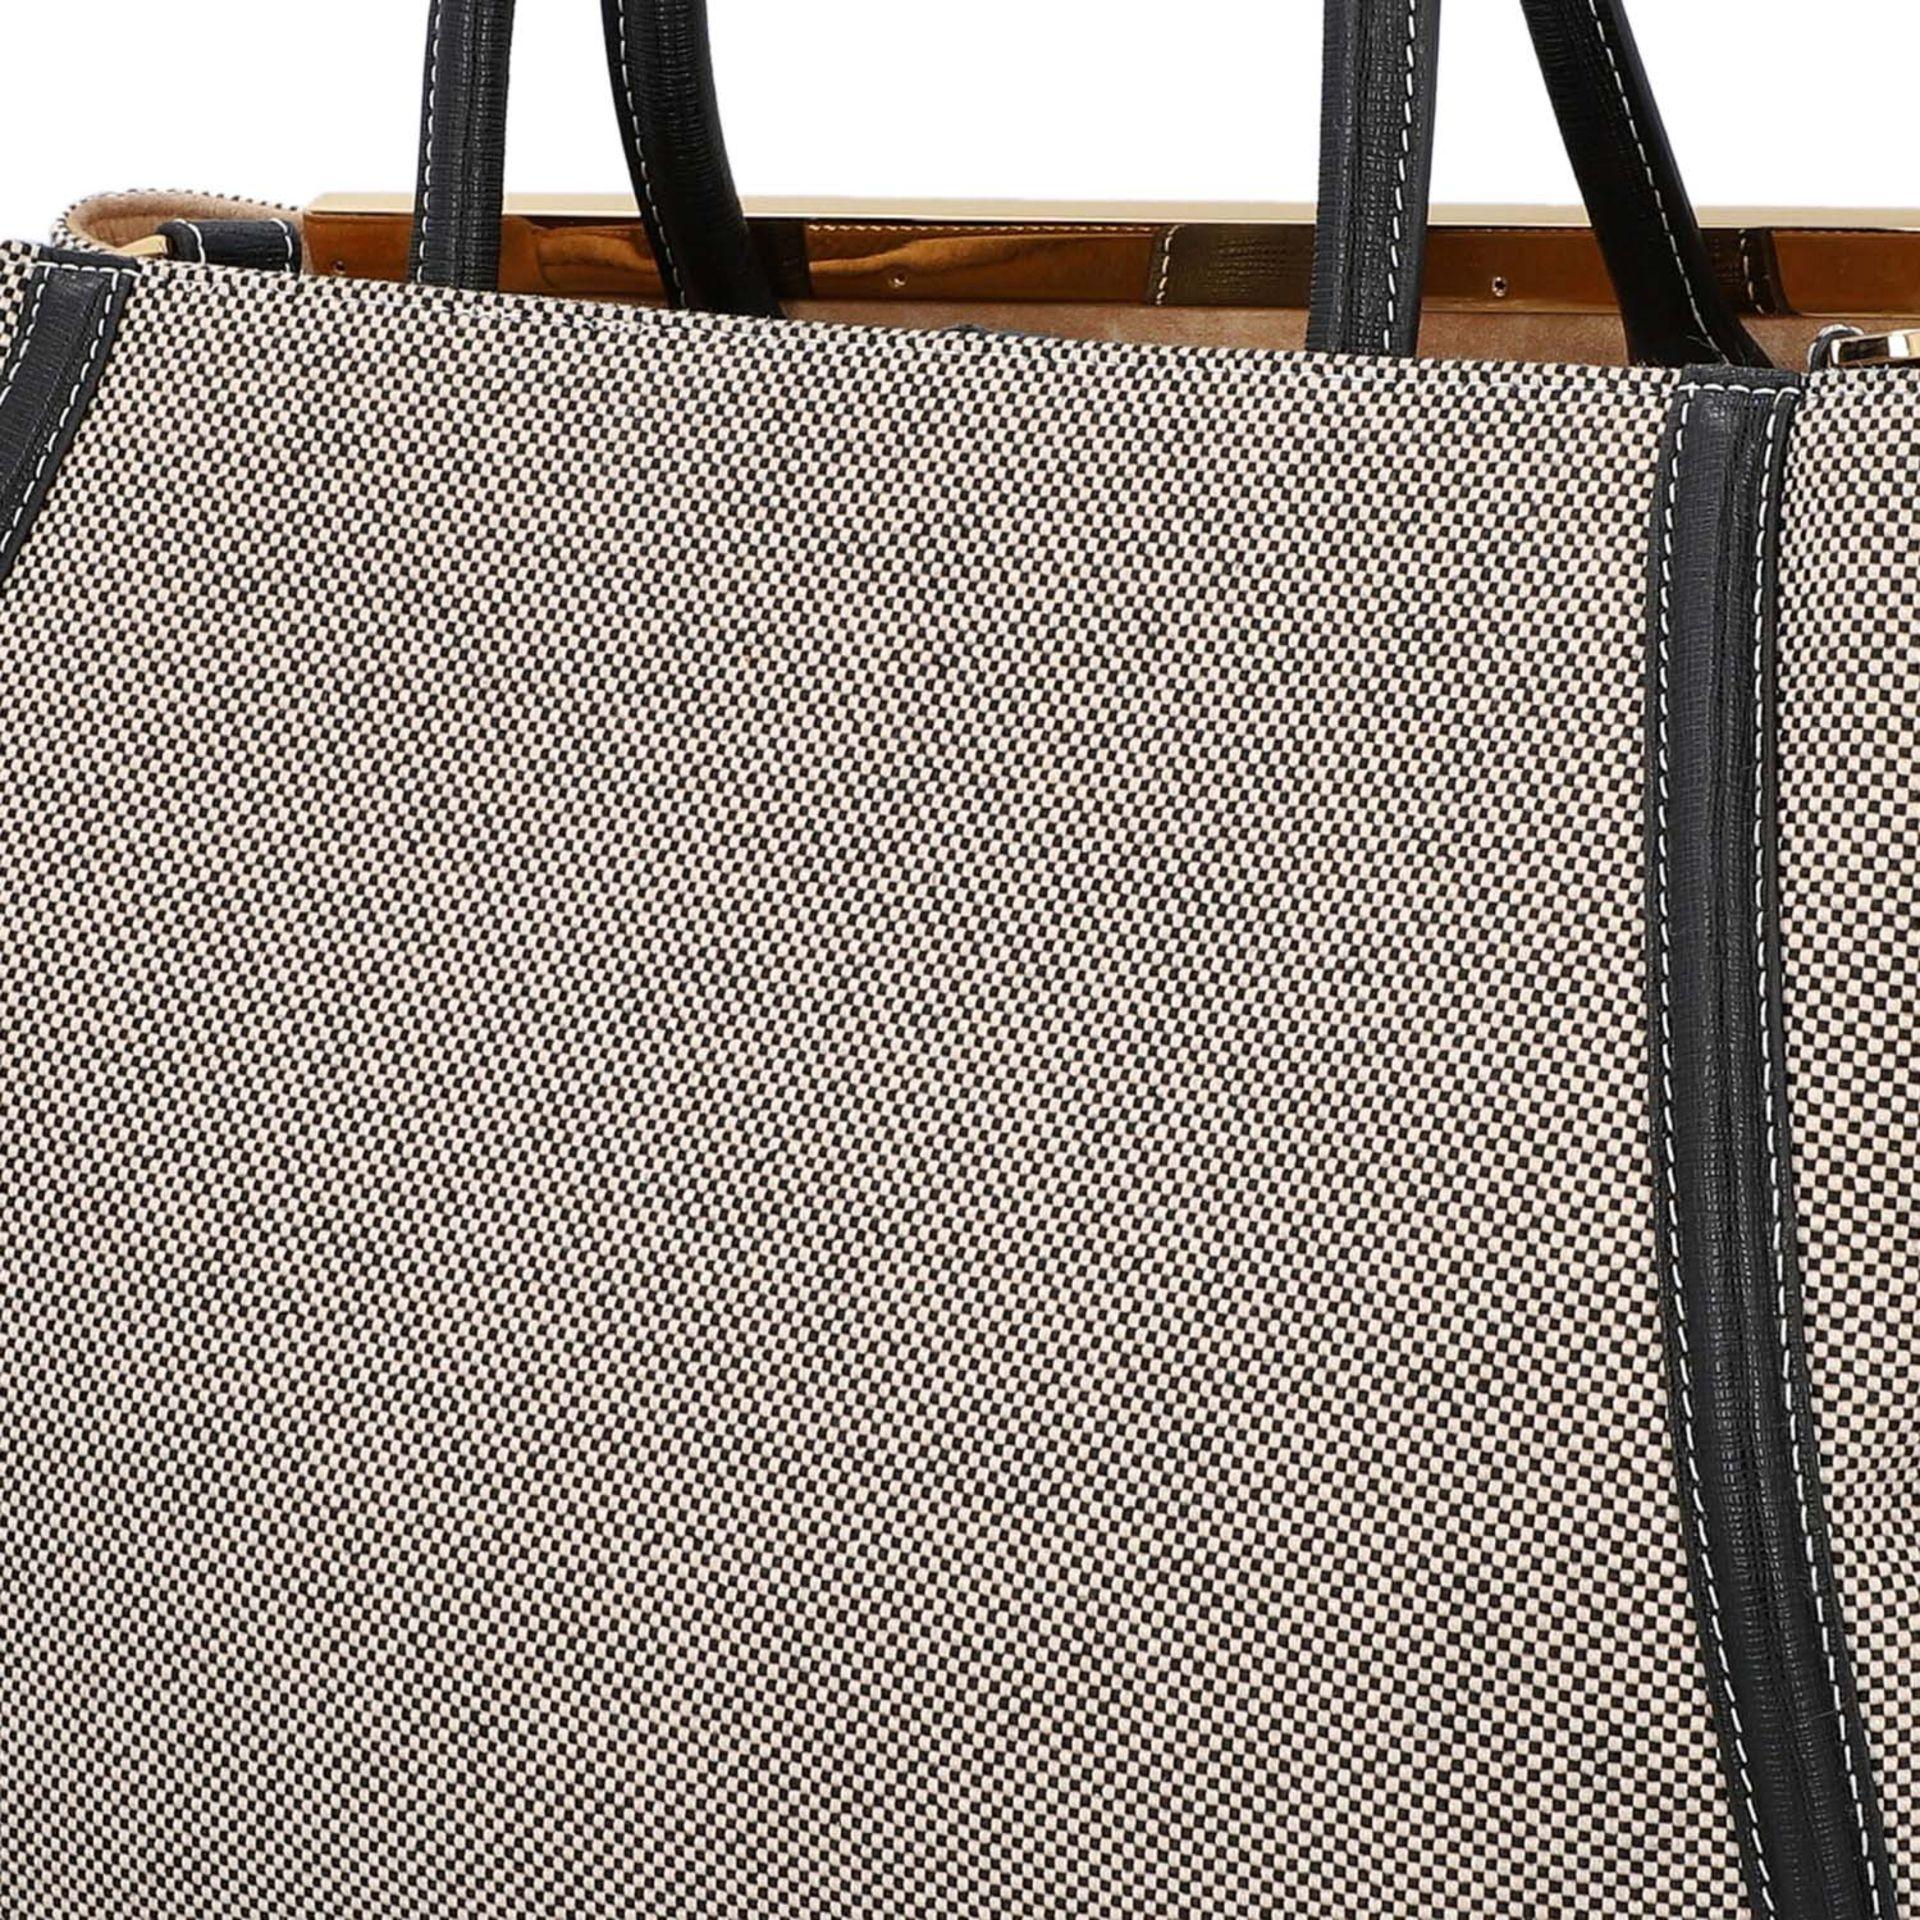 FENDI Handtasche, NP. ca.: 1.900,-€. Gewebtes Textil in Schwarz/Weiß mit schwarzem - Image 7 of 8